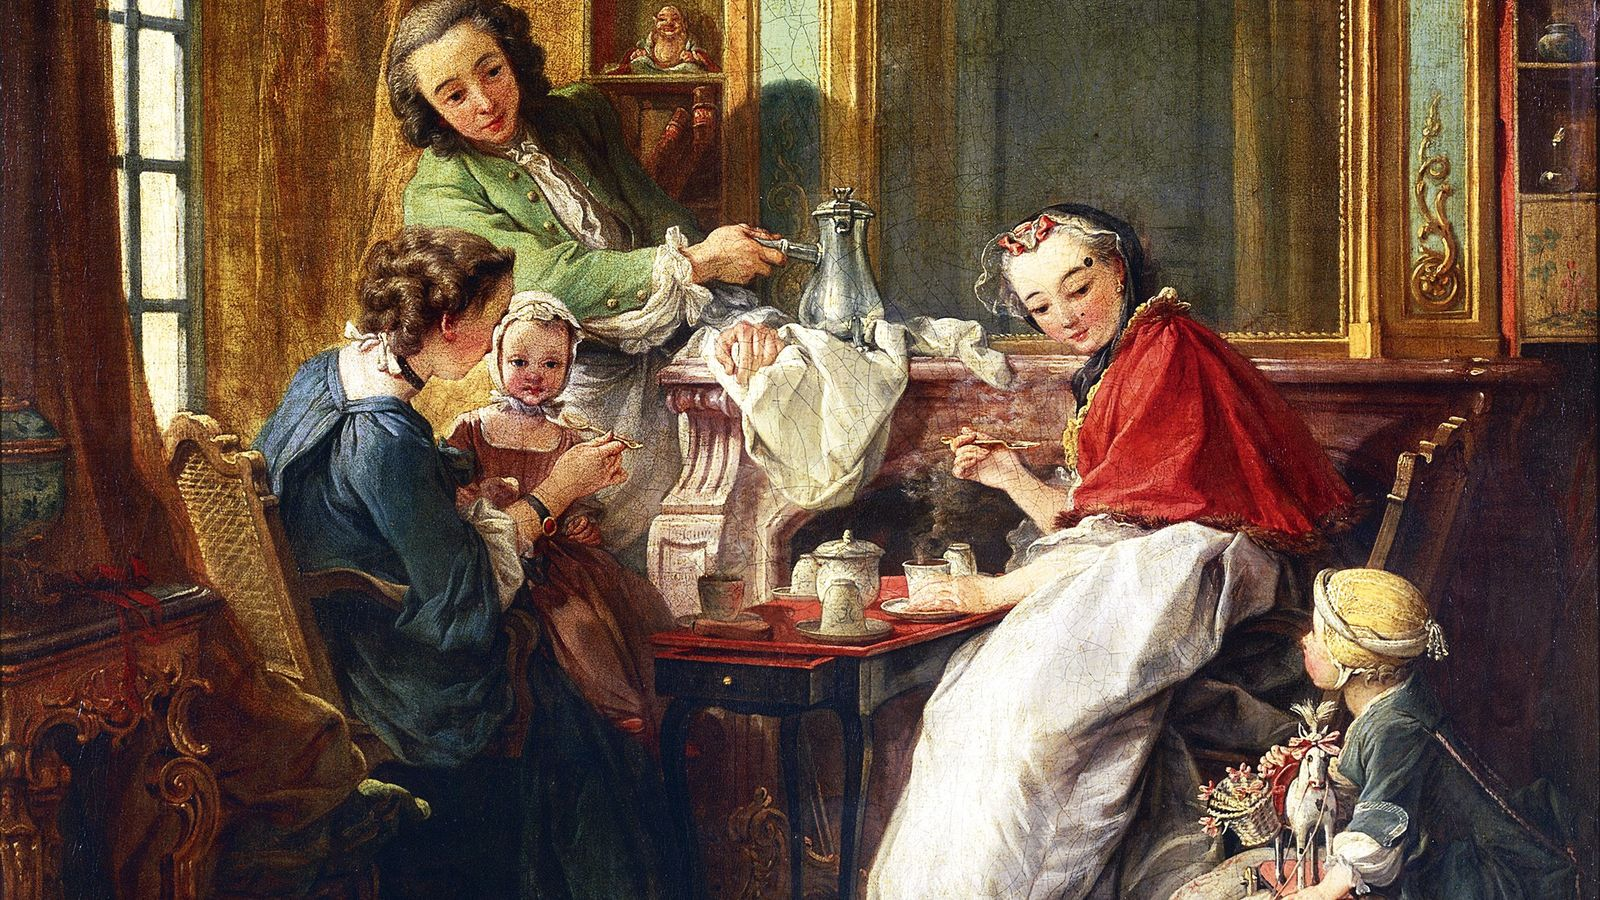 Le chocolat est au menu dans ce tableau du 18e siècle peint par le français François ...